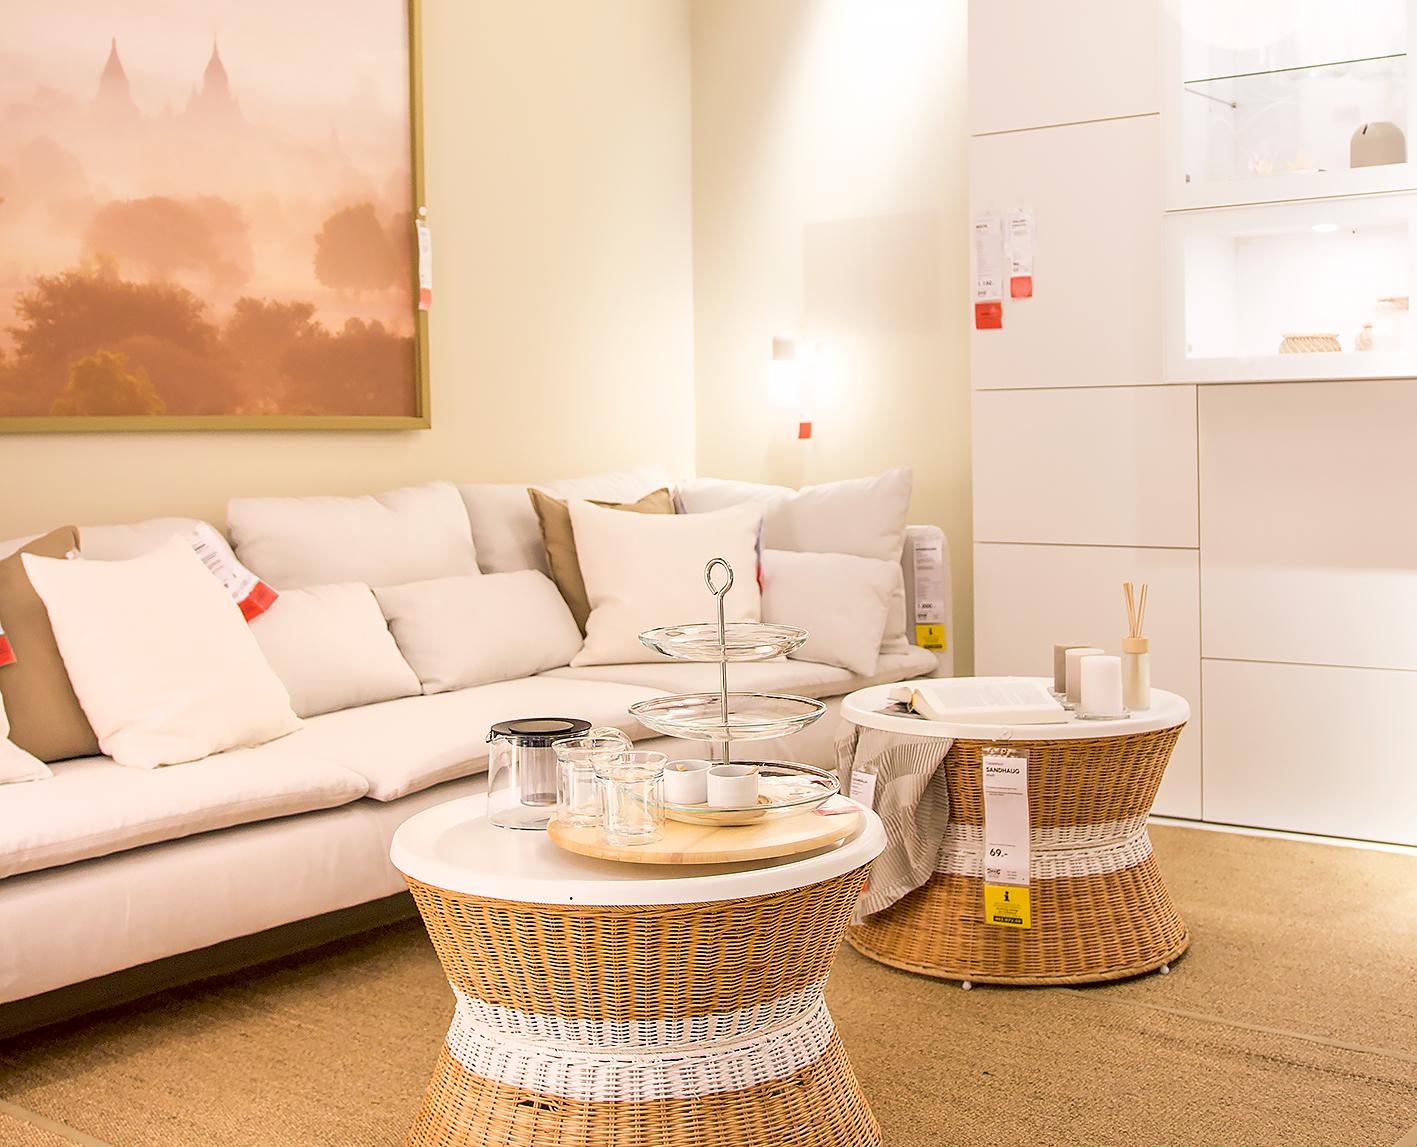 Ikea Sindelfingen Wohnzimmer